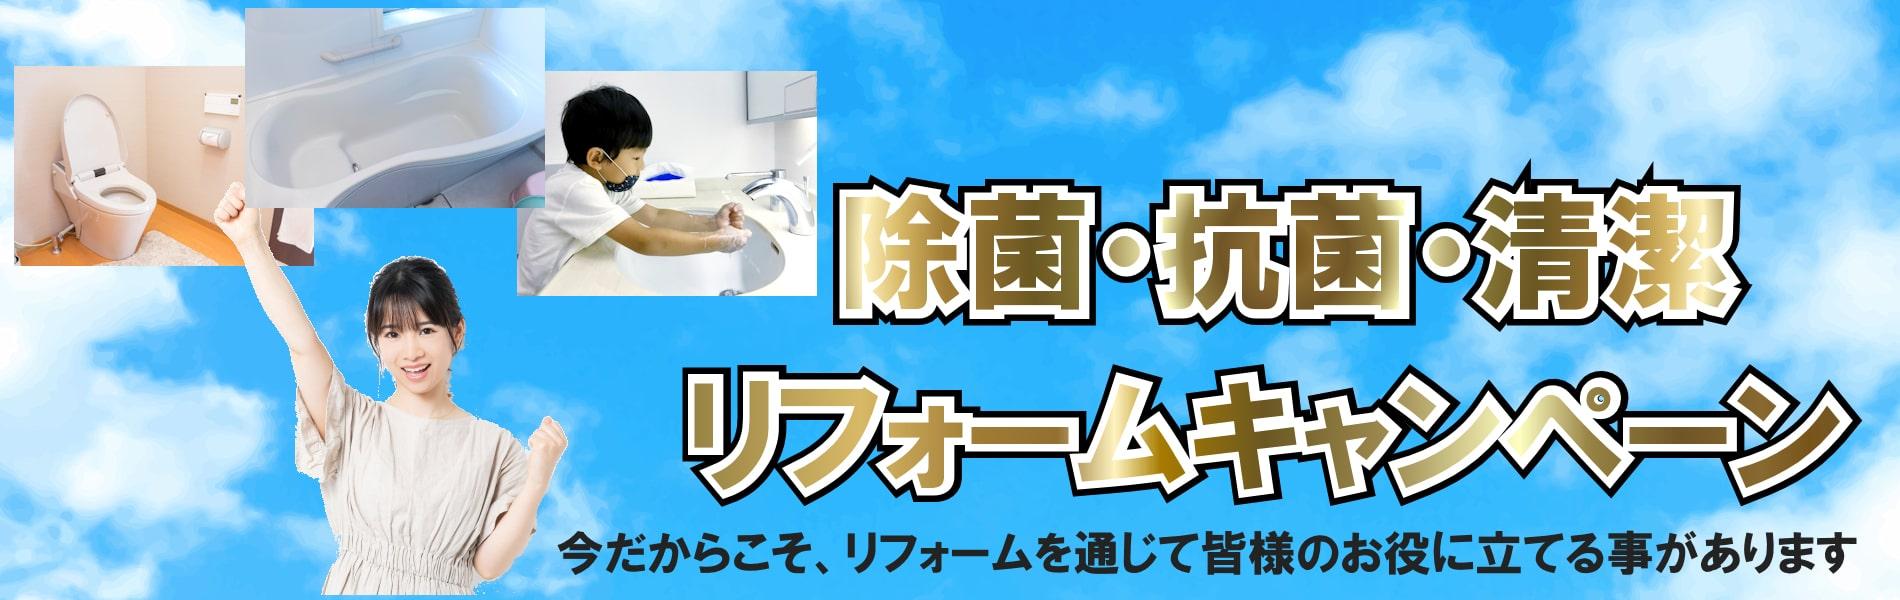 除菌・抗菌・清潔リフォームキャンペーン